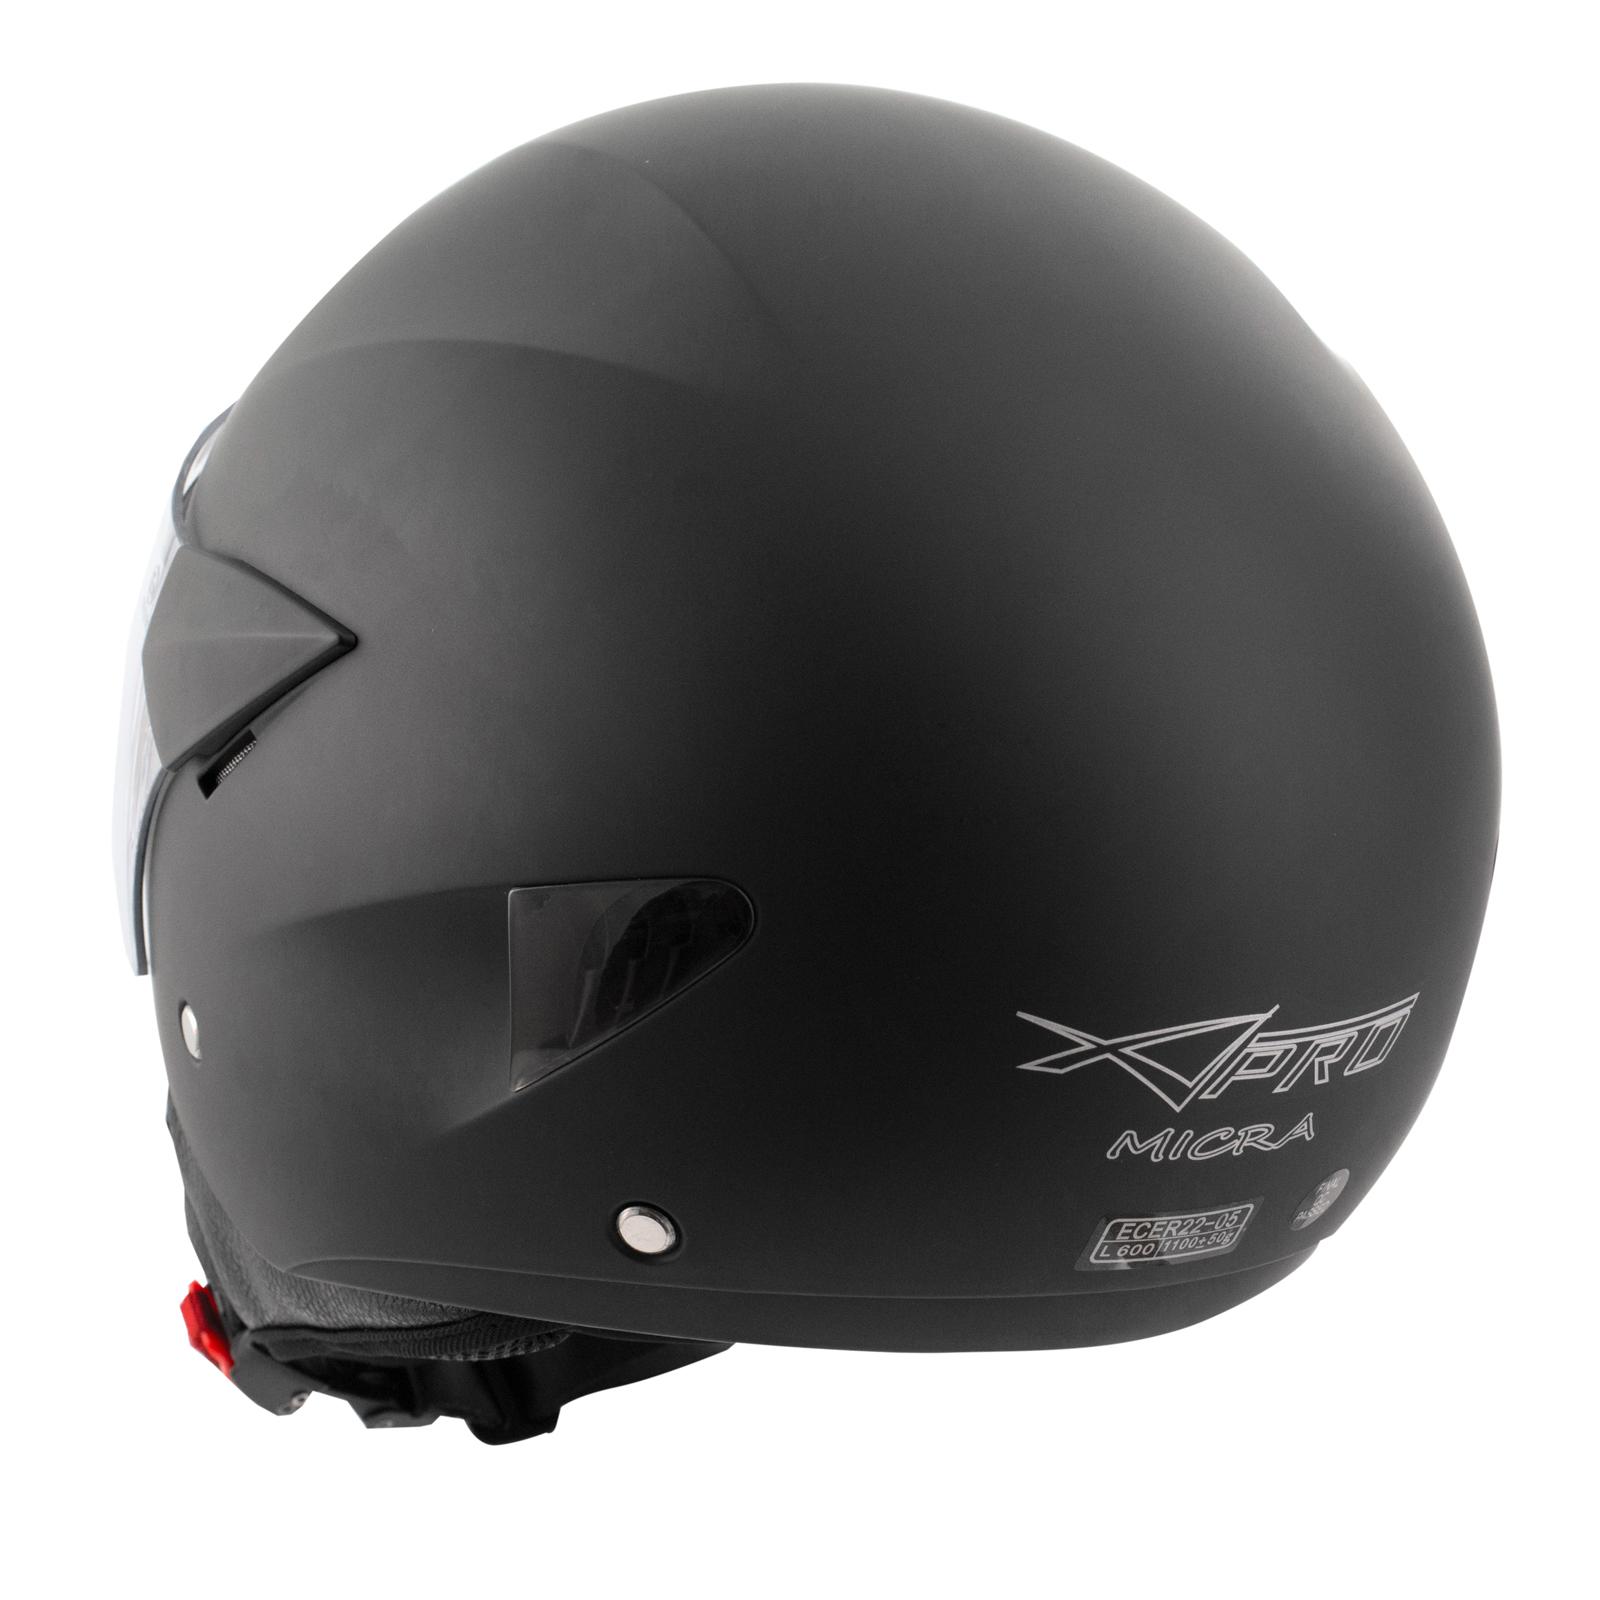 Casque-Moto-Scooter-Ville-Jet-Anti-Scratch-Visiere-Longue-Approuve-ECE-22-05 miniature 15